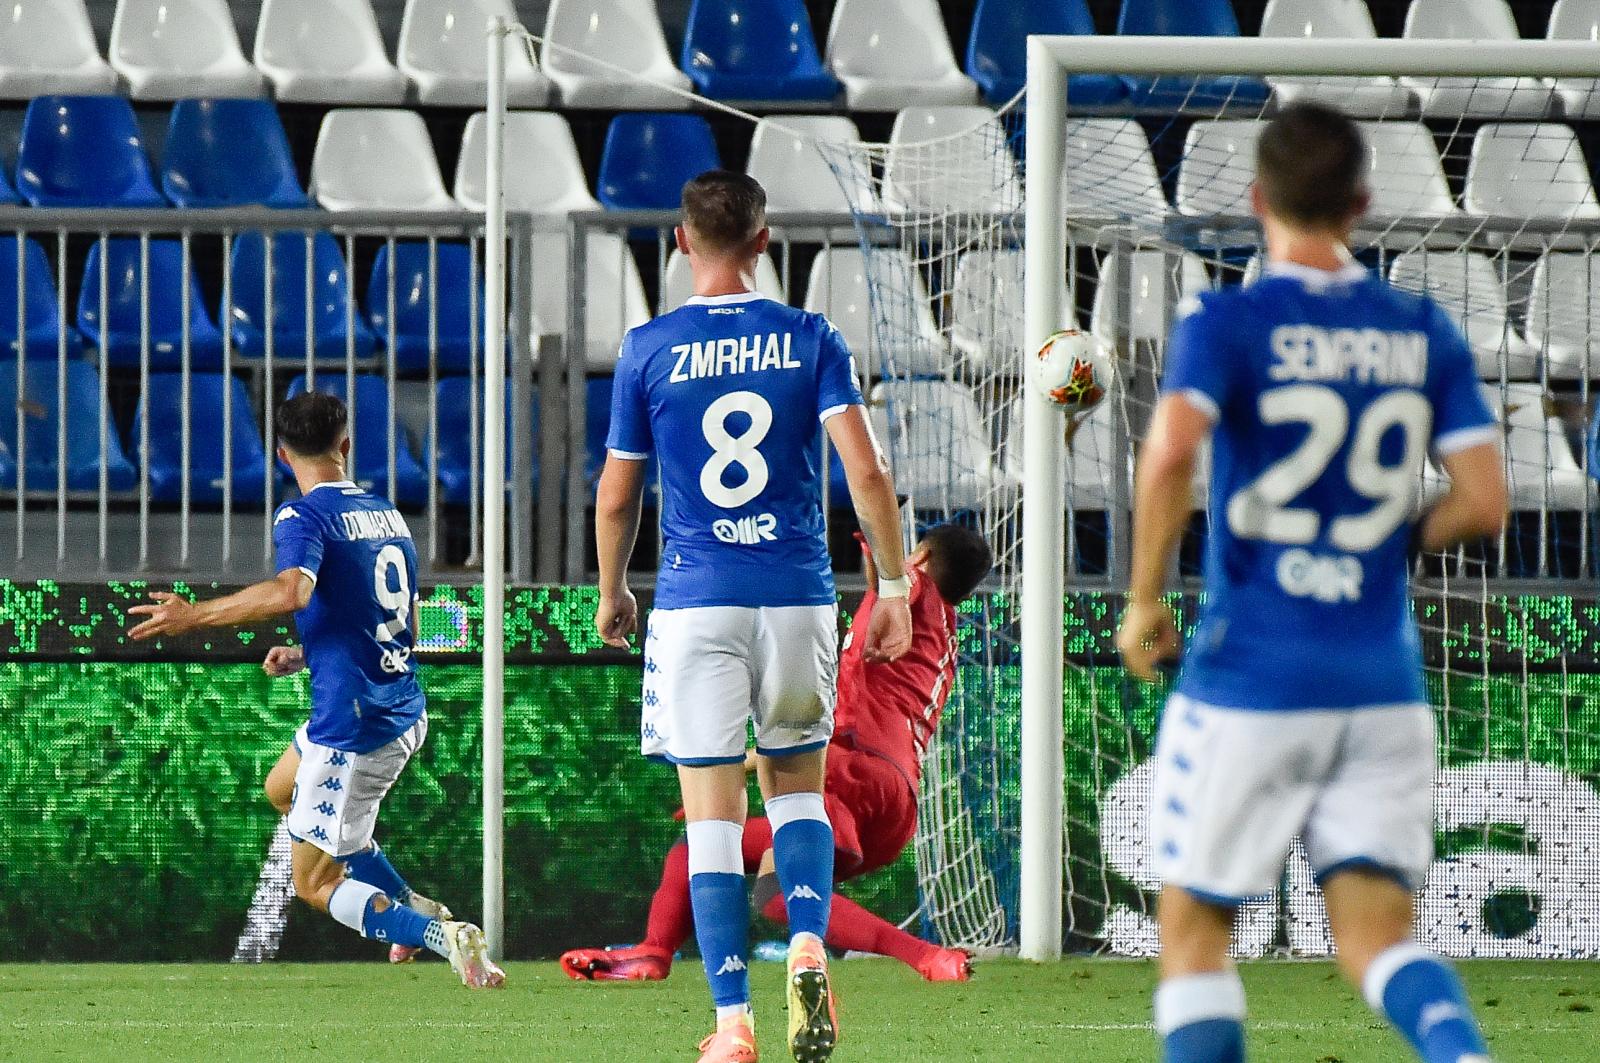 «Торино» - «Брешия»: прогноз на матч чемпионата Италии